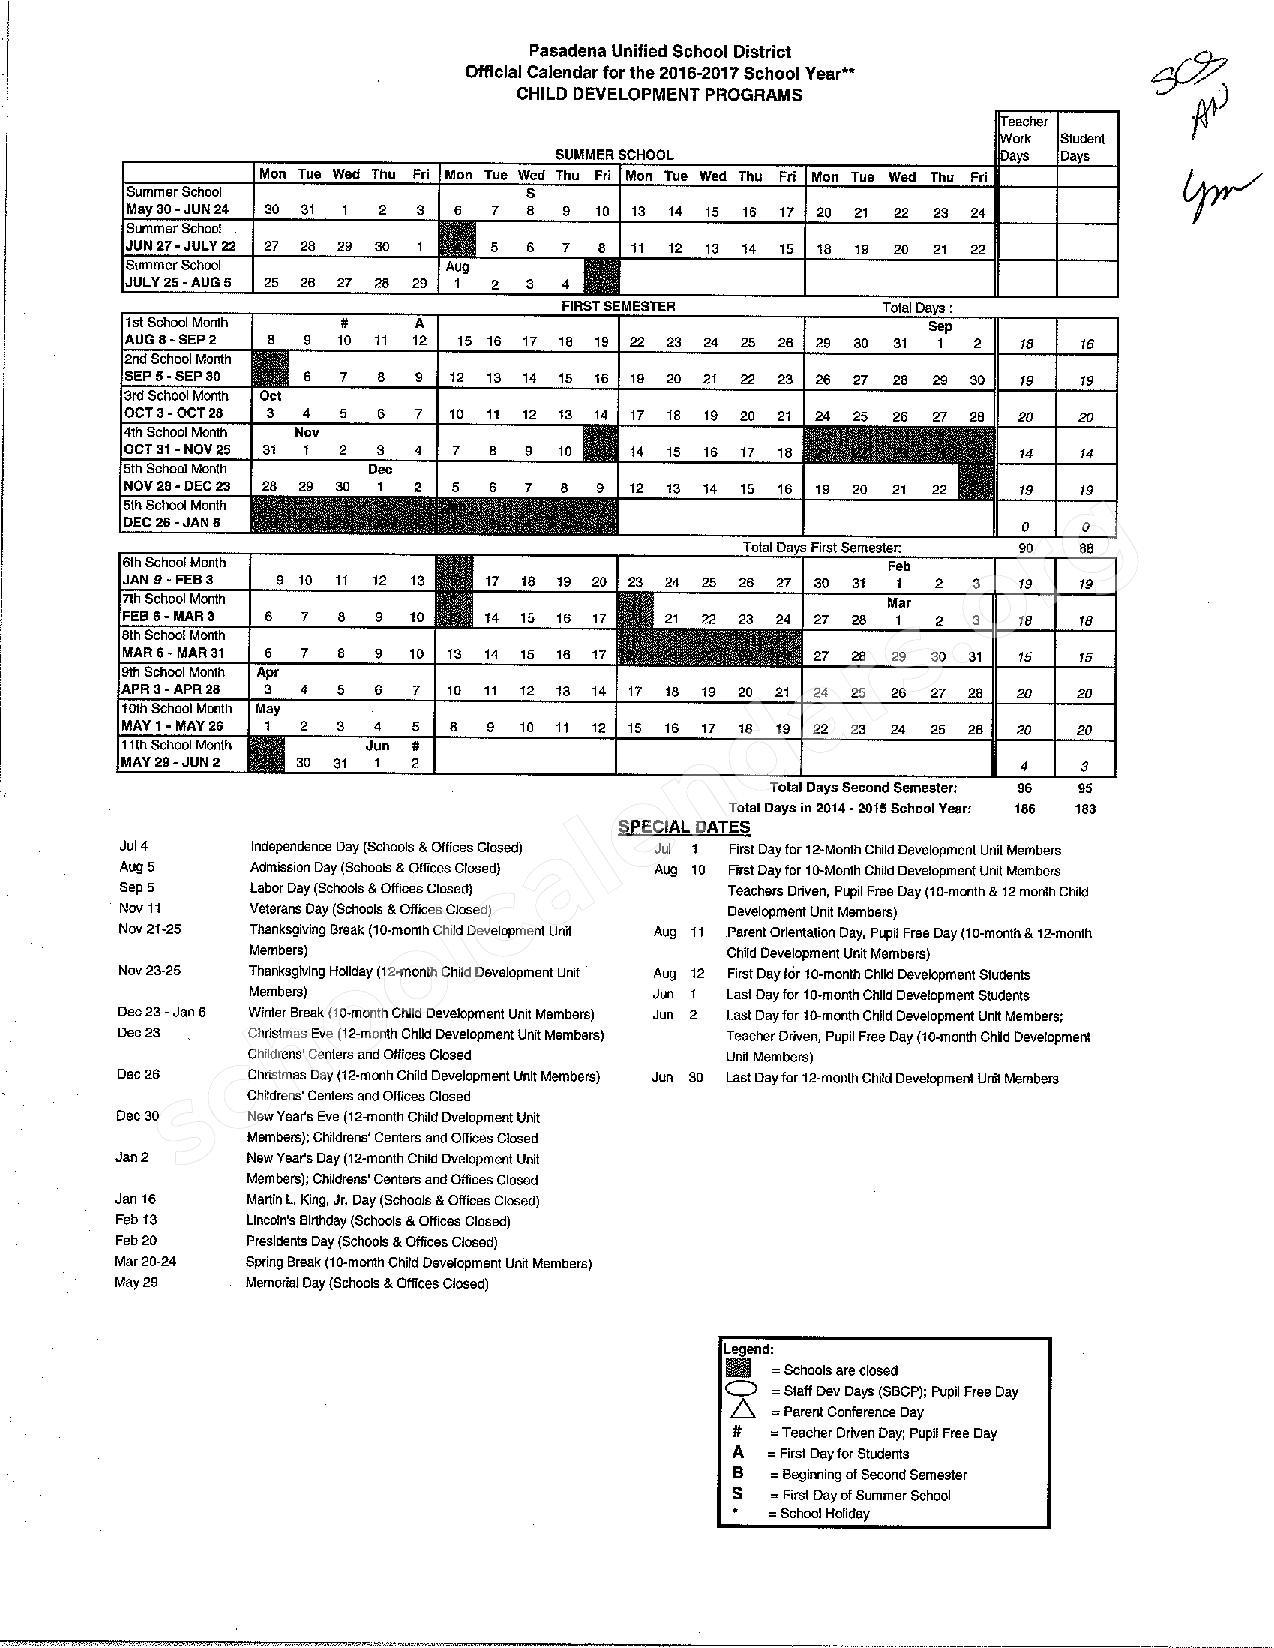 2016 - 2017 Early Childhood Development Programs Calendar – Field (Eugene) Elementary School – page 1